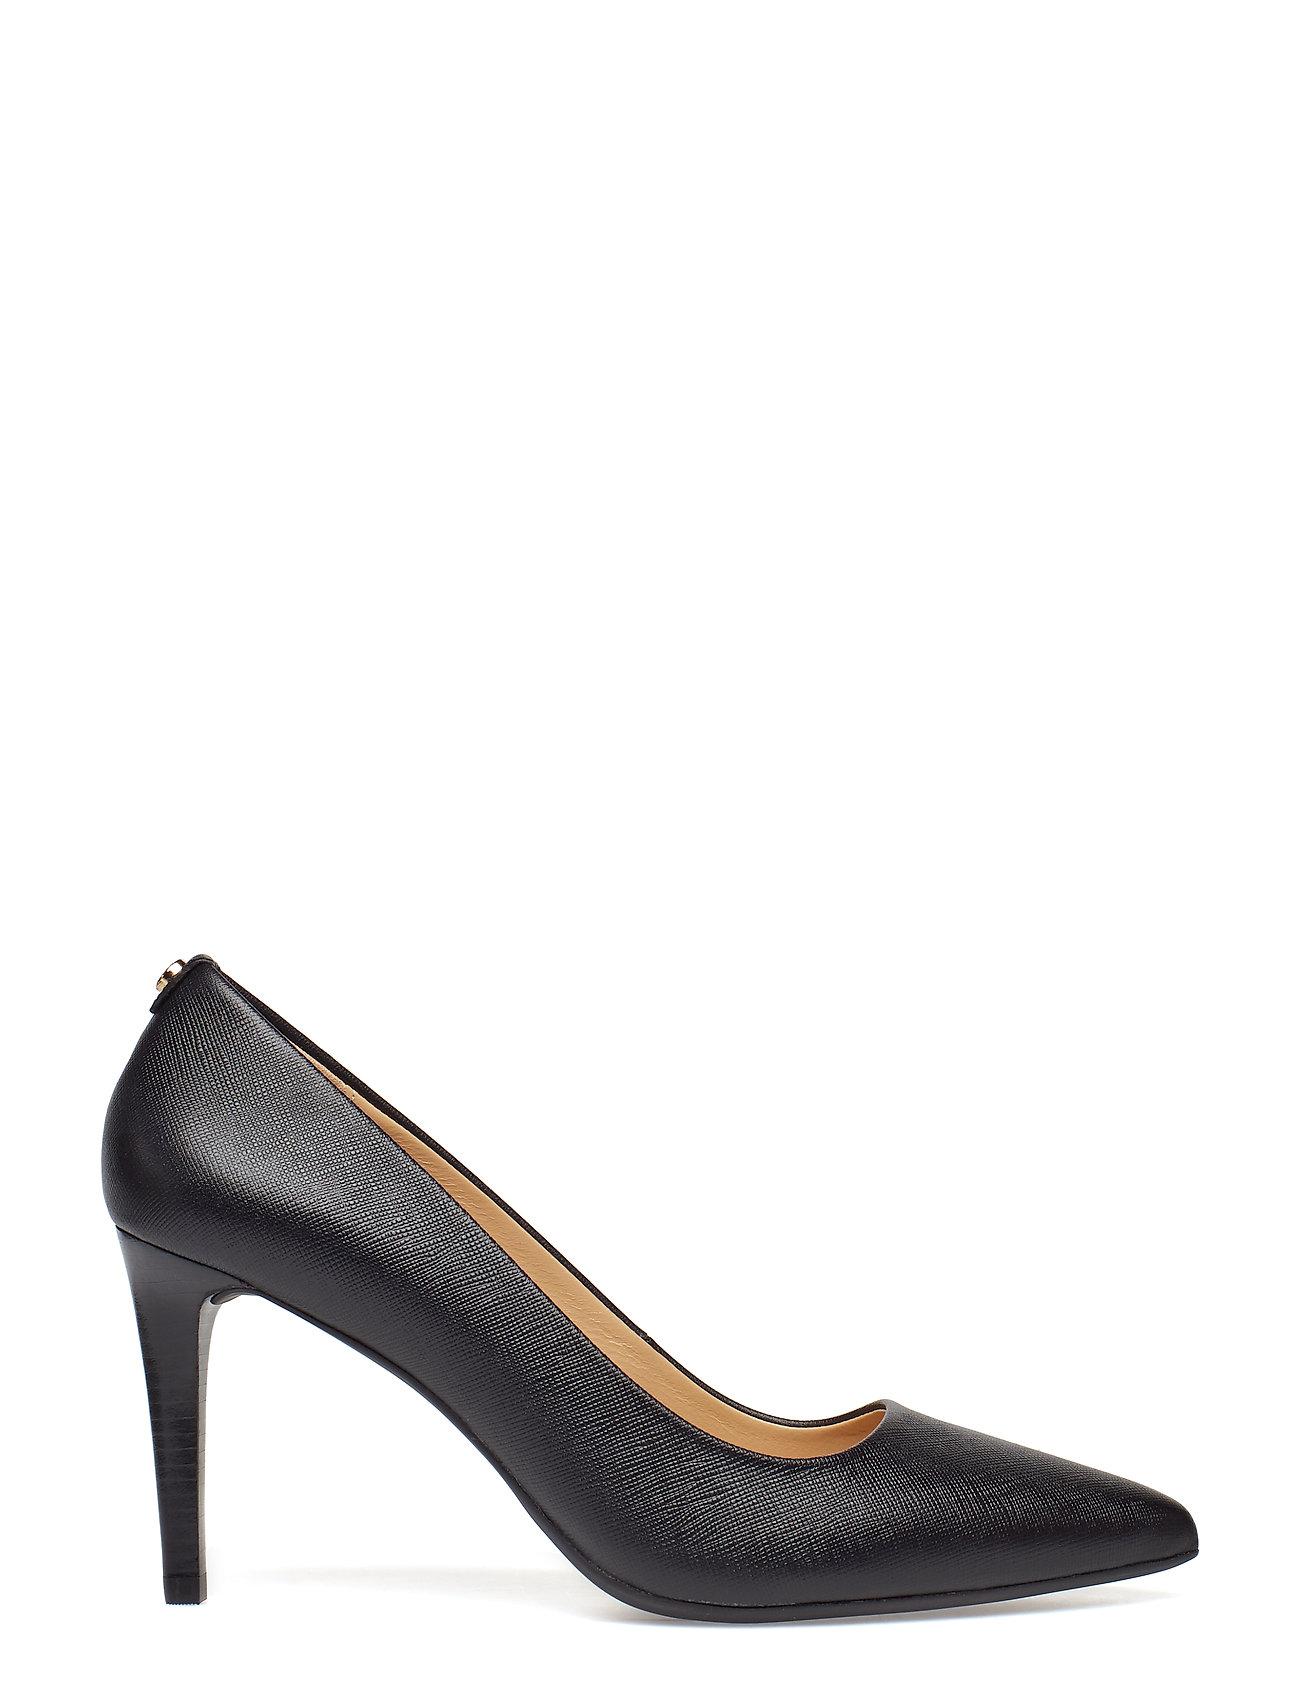 Dorothy Flex Flex PumpblackMichael Kors Dorothy Shoes hQrdts